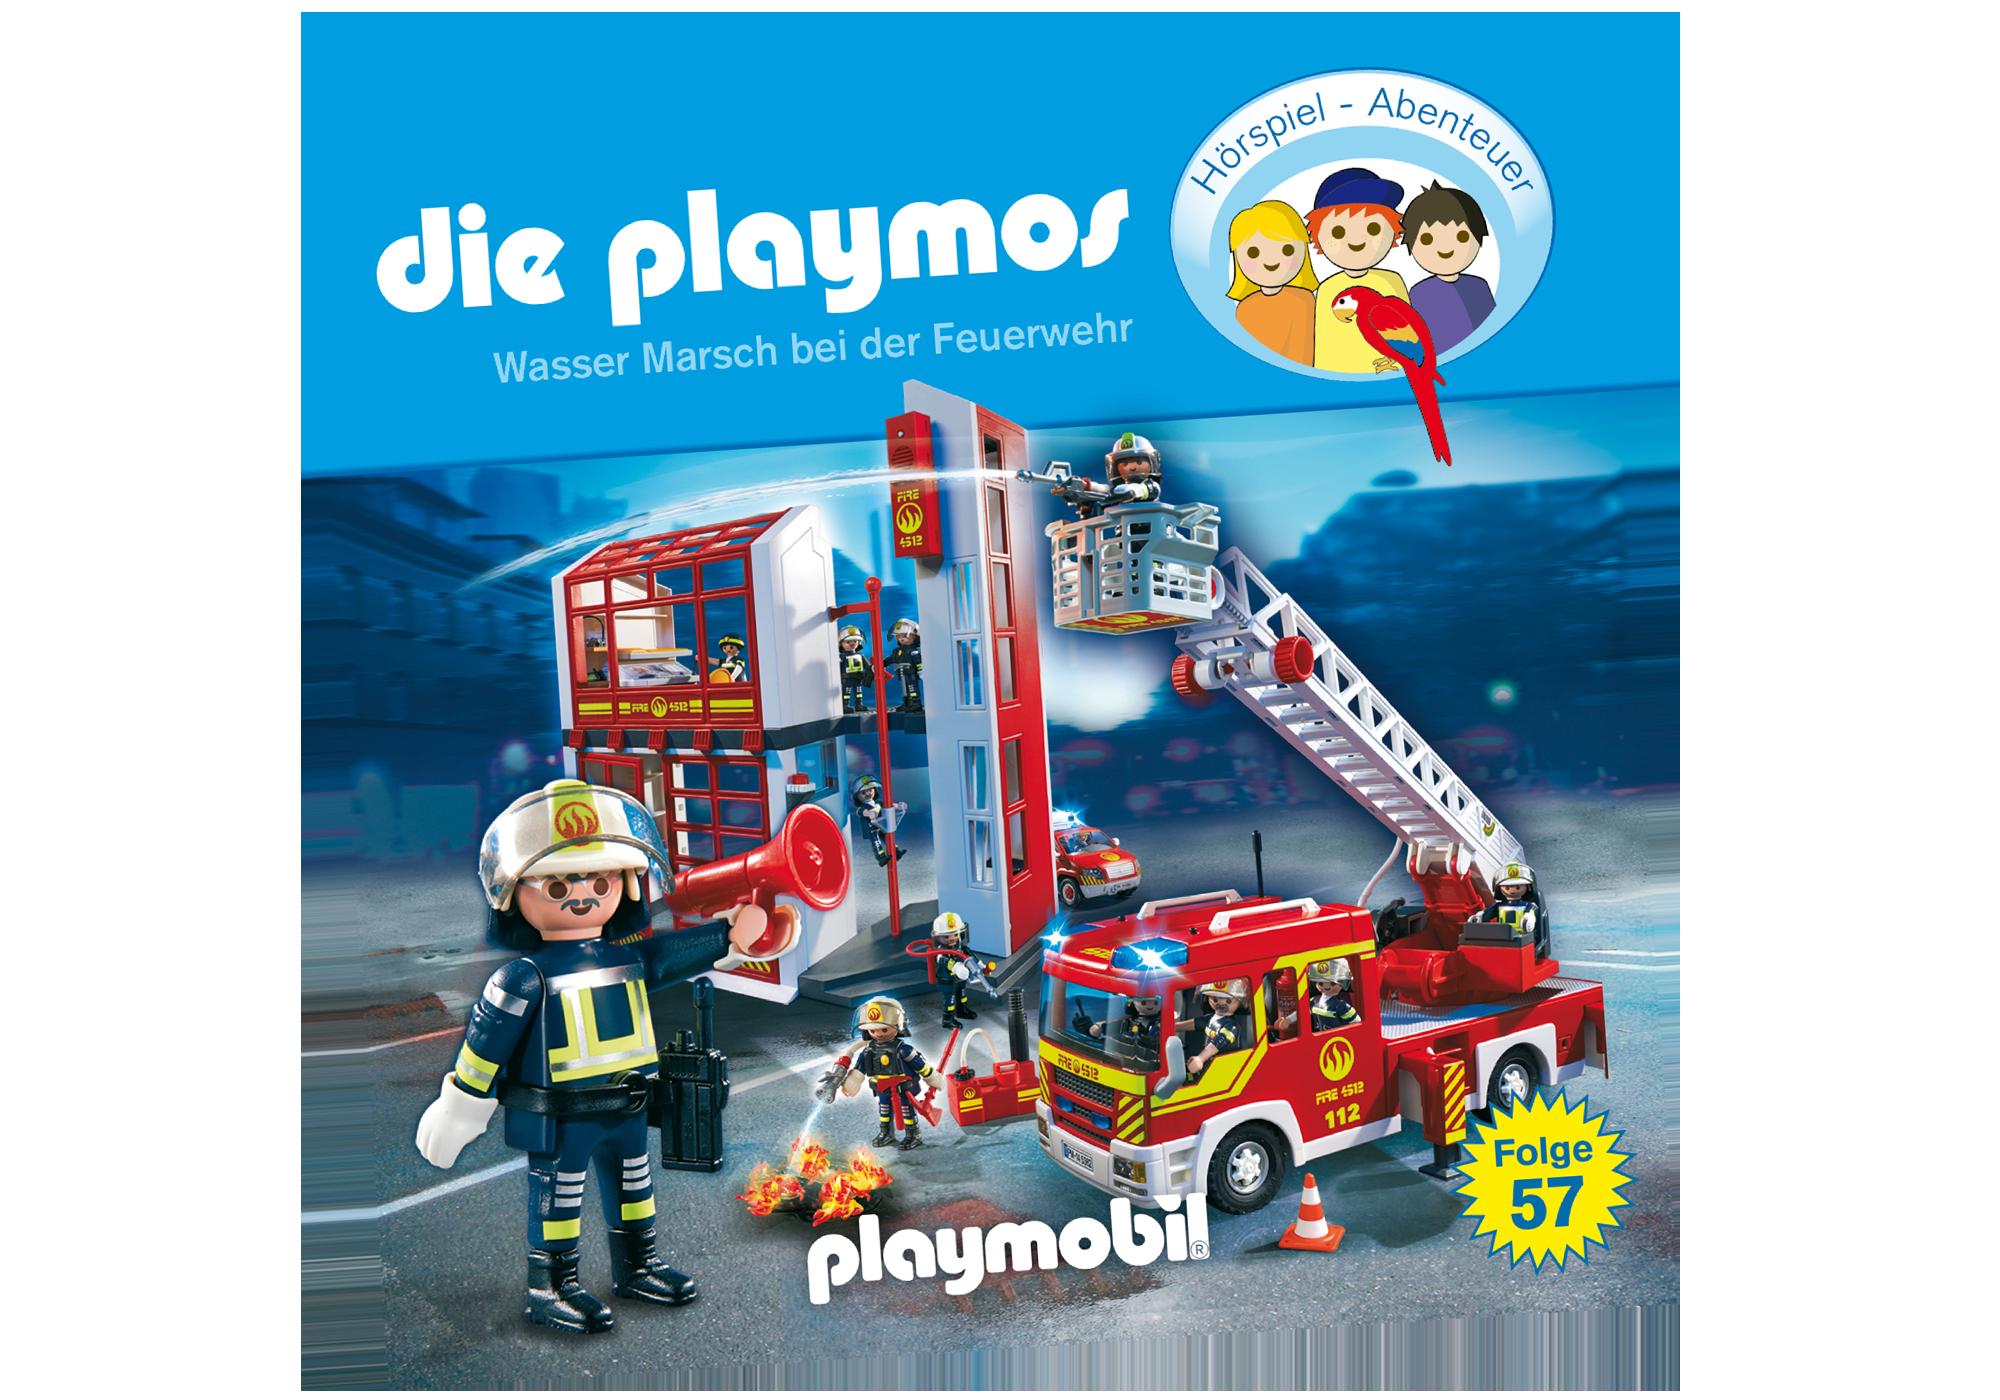 http://media.playmobil.com/i/playmobil/80009_product_detail/Wasser Marsch bei der Feuerwehr - Folge 57